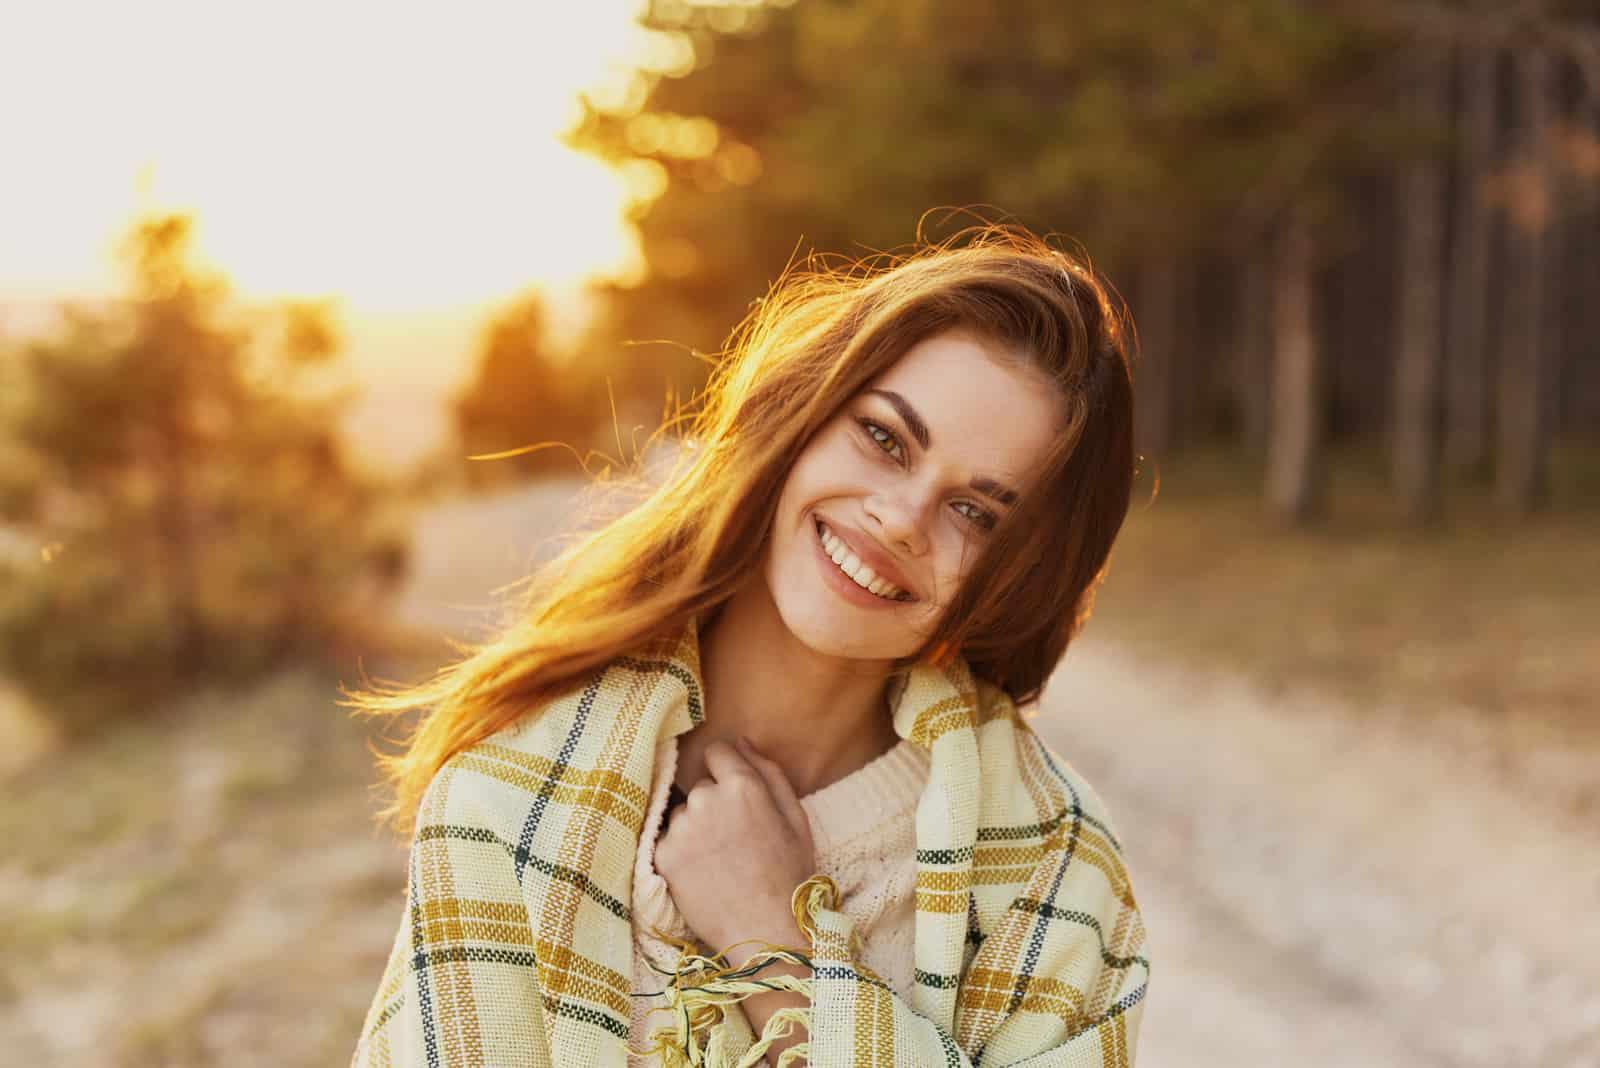 une femme aux cheveux bruns souriante se tient debout